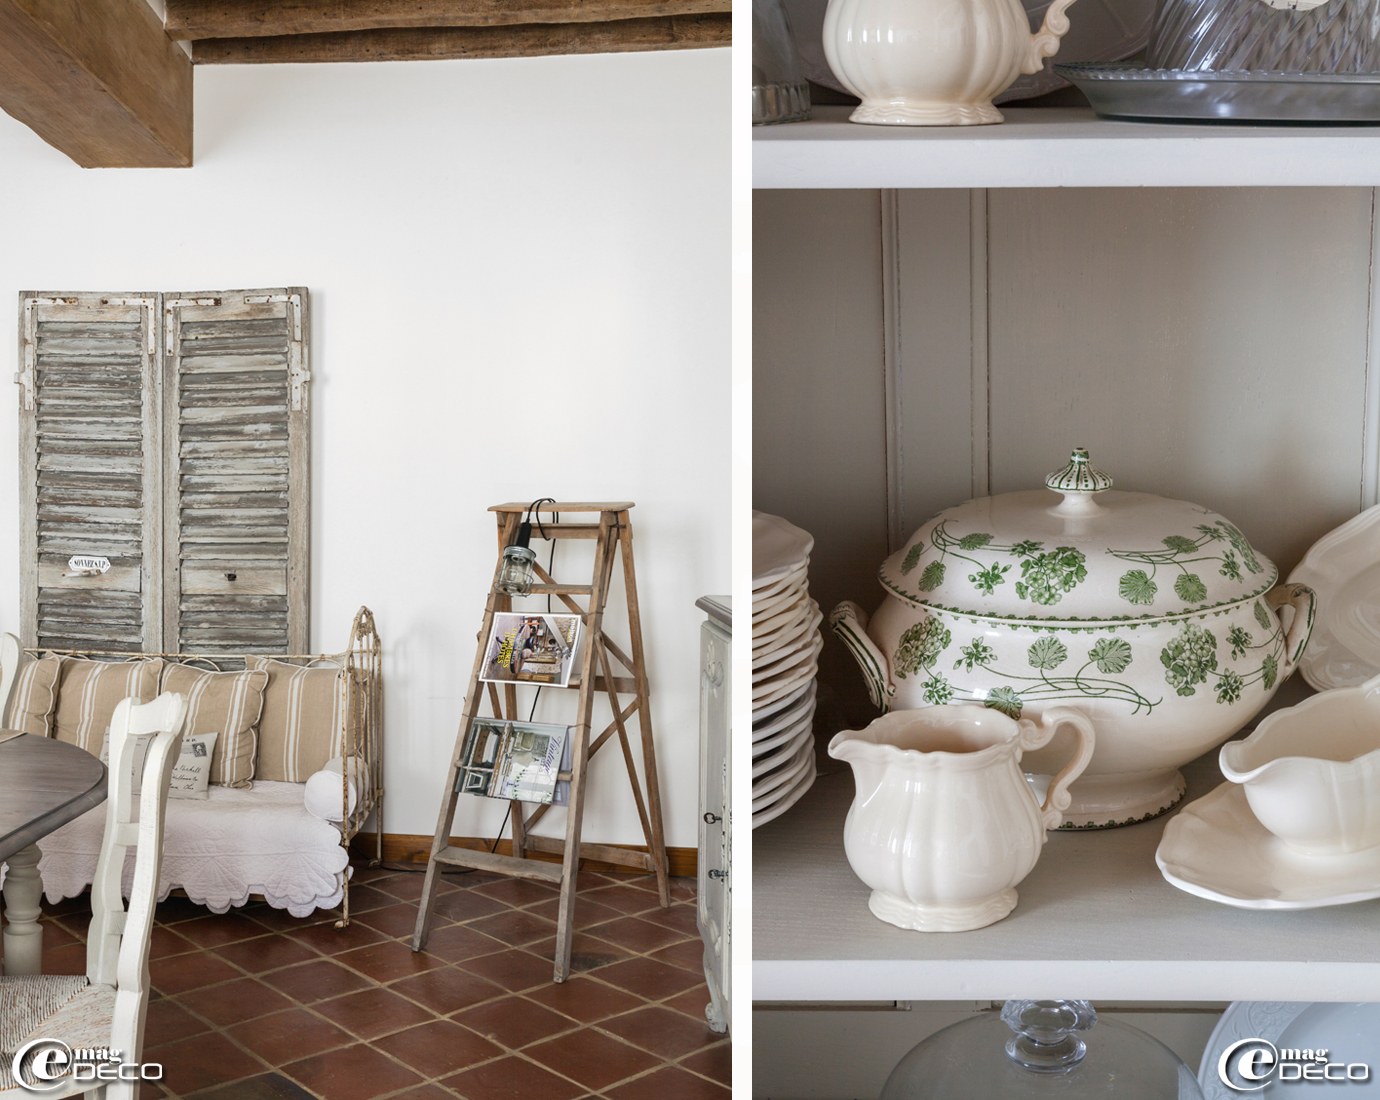 une maison de famille en picardie e magdeco magazine. Black Bedroom Furniture Sets. Home Design Ideas